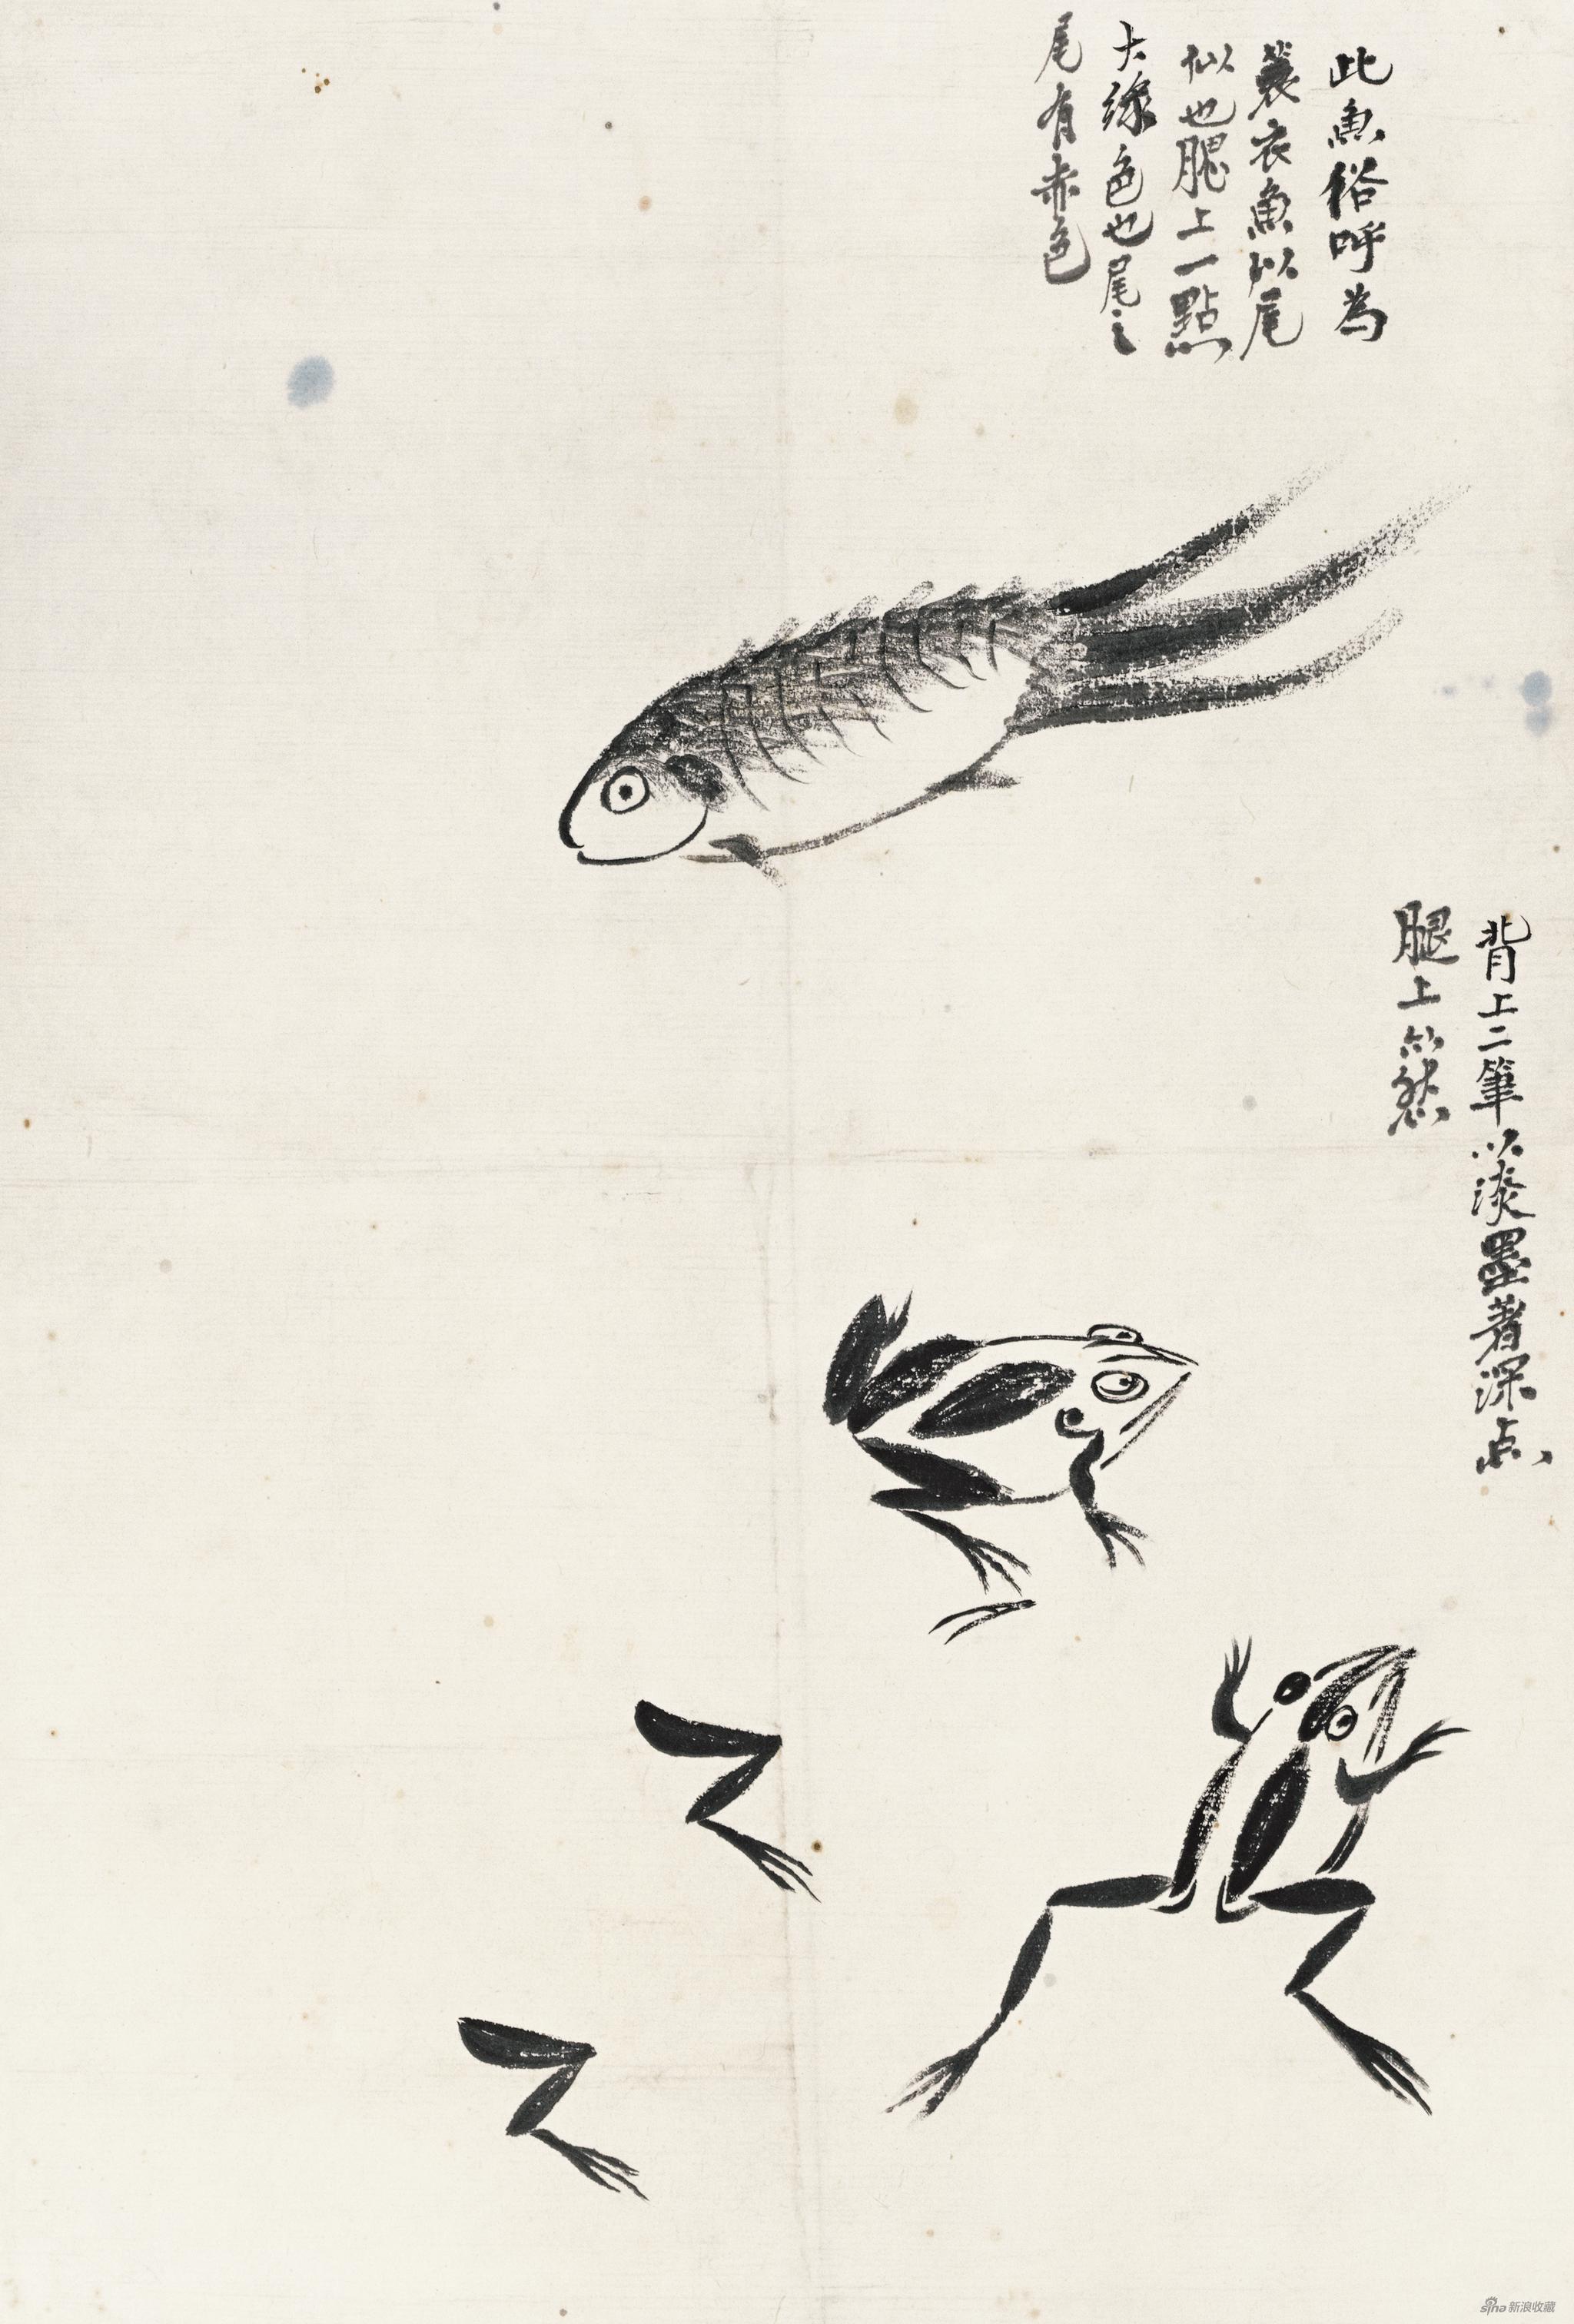 一鱼二蛙 齐白石 35cm×23.5cm 无年款 纸本水墨 北京画院藏